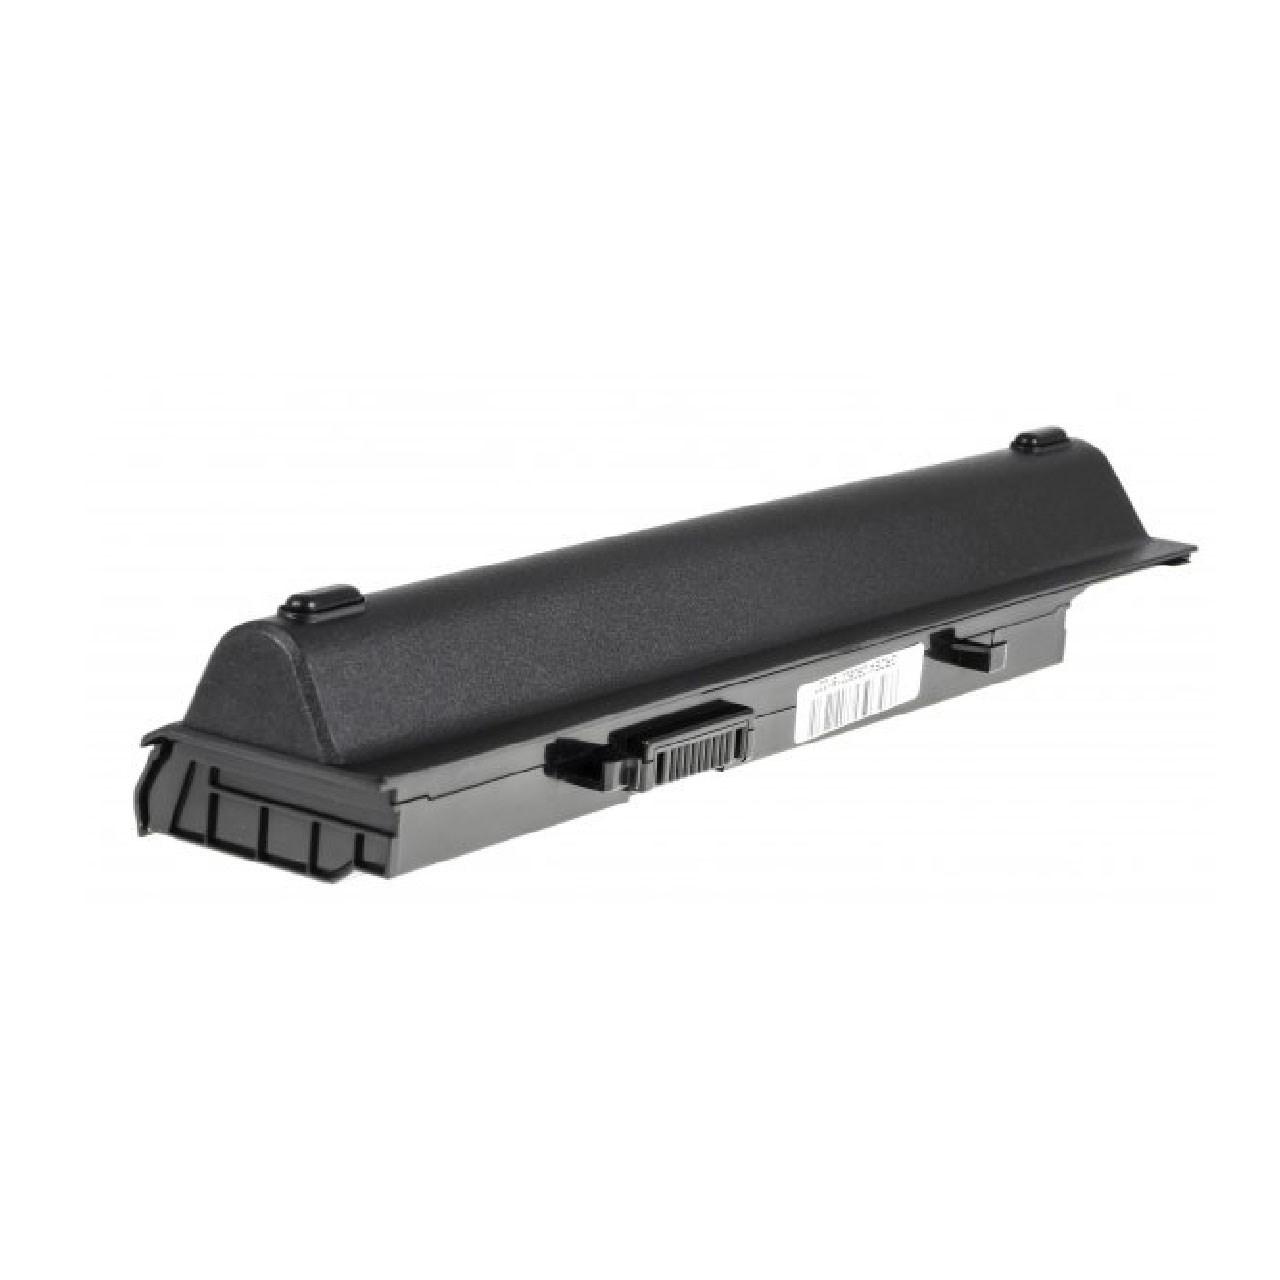 باتری لپ تاپ یوبی سل 8 سلولی برای لپ تاپ Dell Vostro 3400